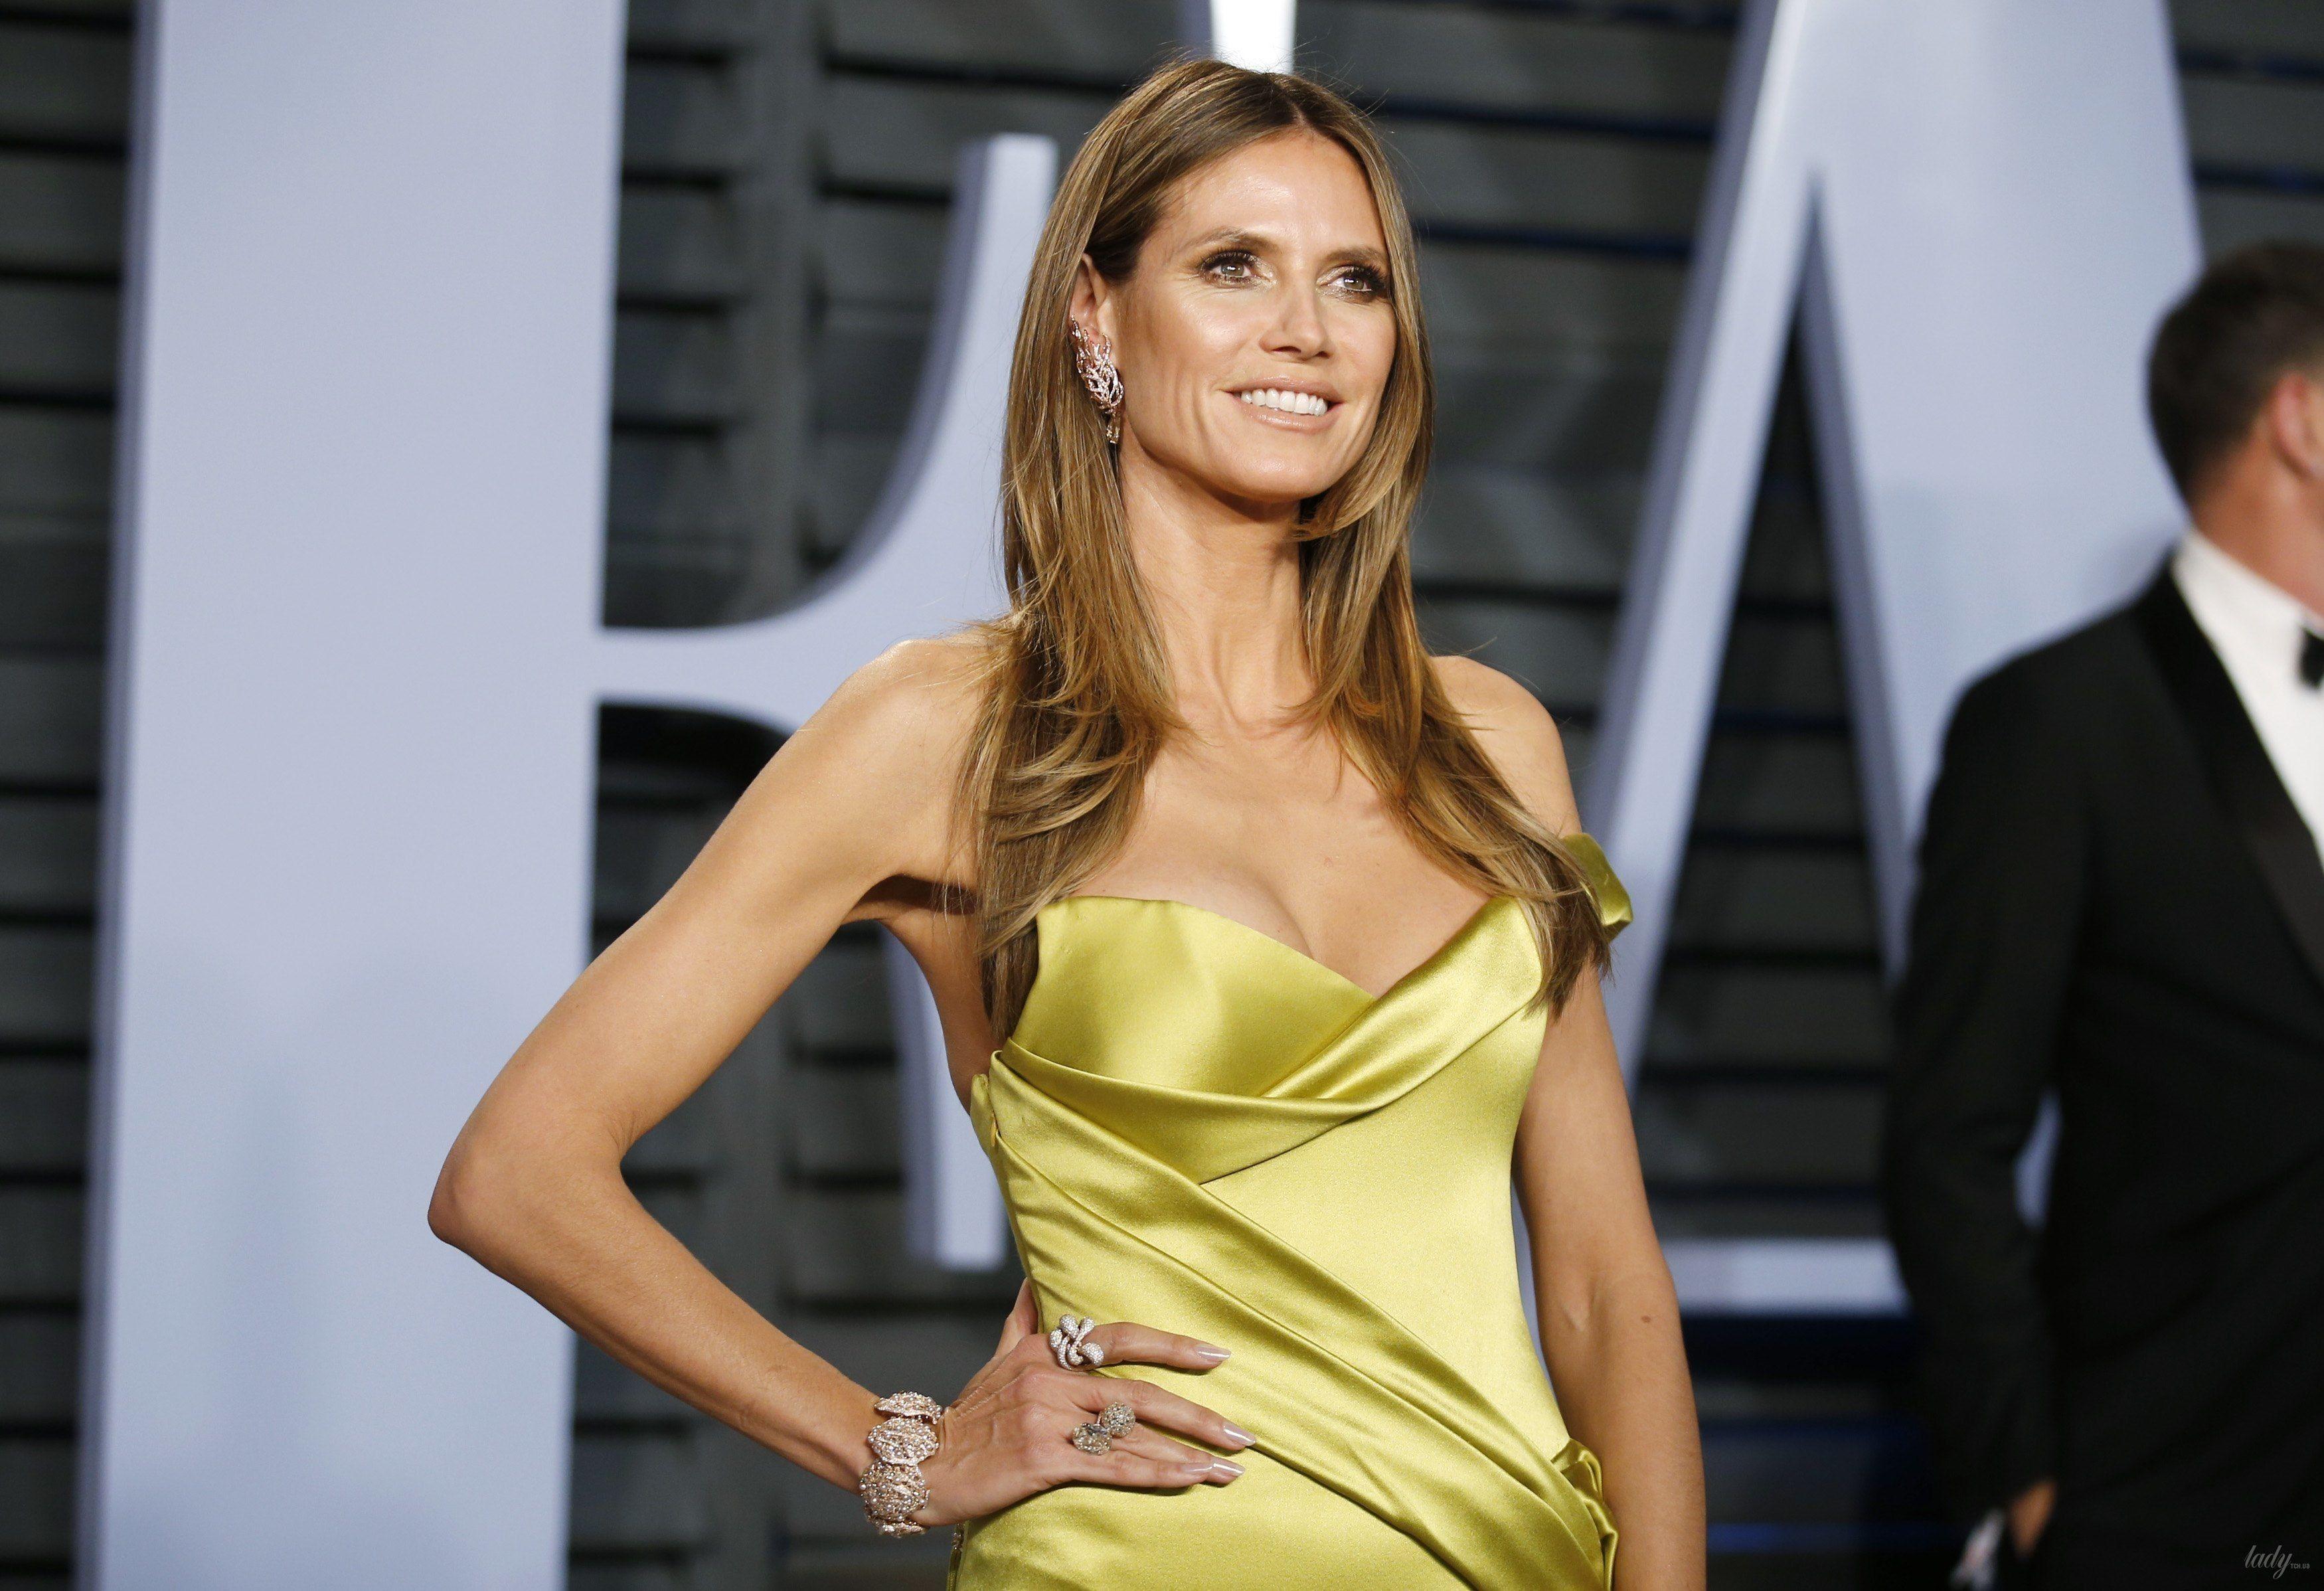 Хайди Клум порадовала фанатов новыми фото в платье с  глубоким  декольте